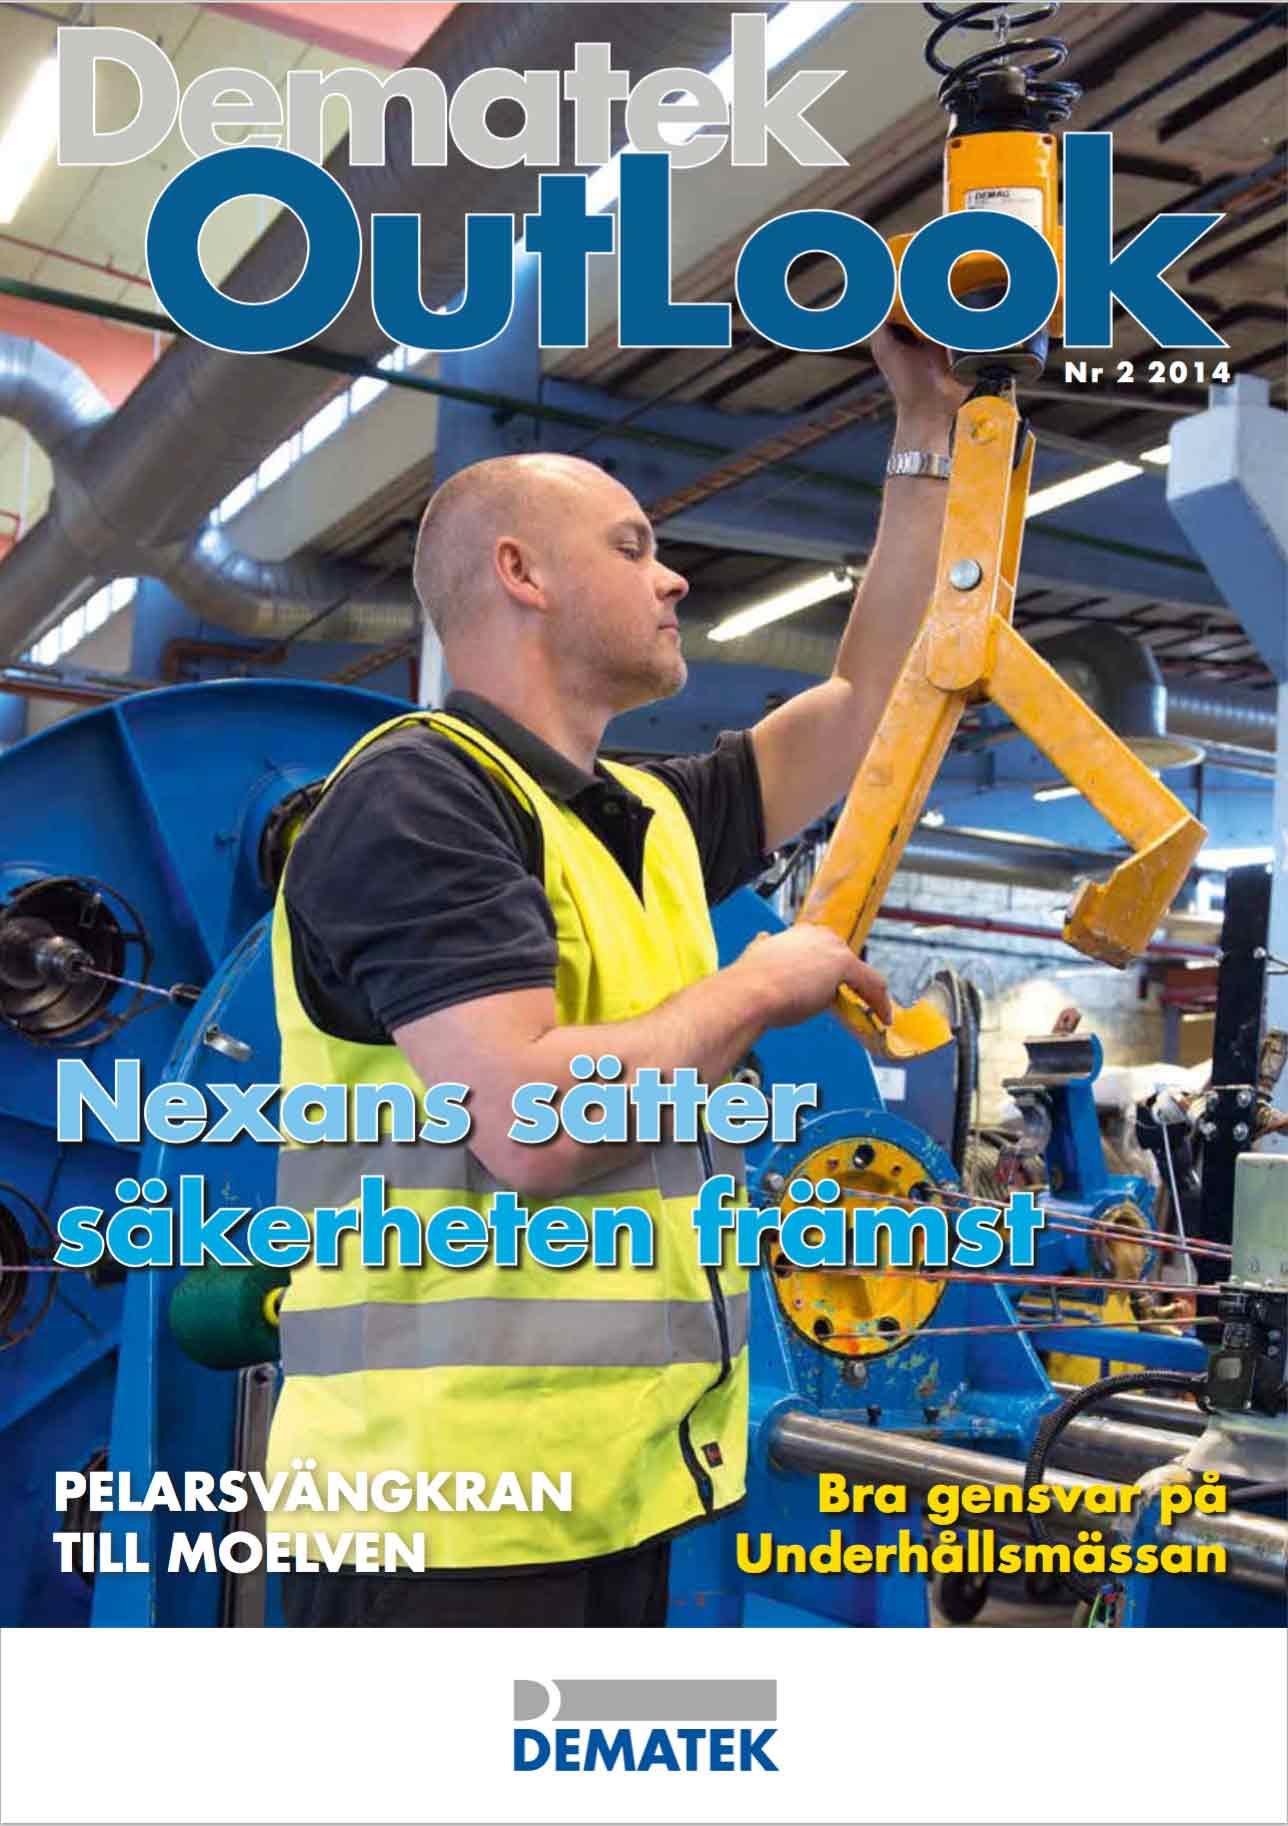 Dematek OutLook nr 2, 2014